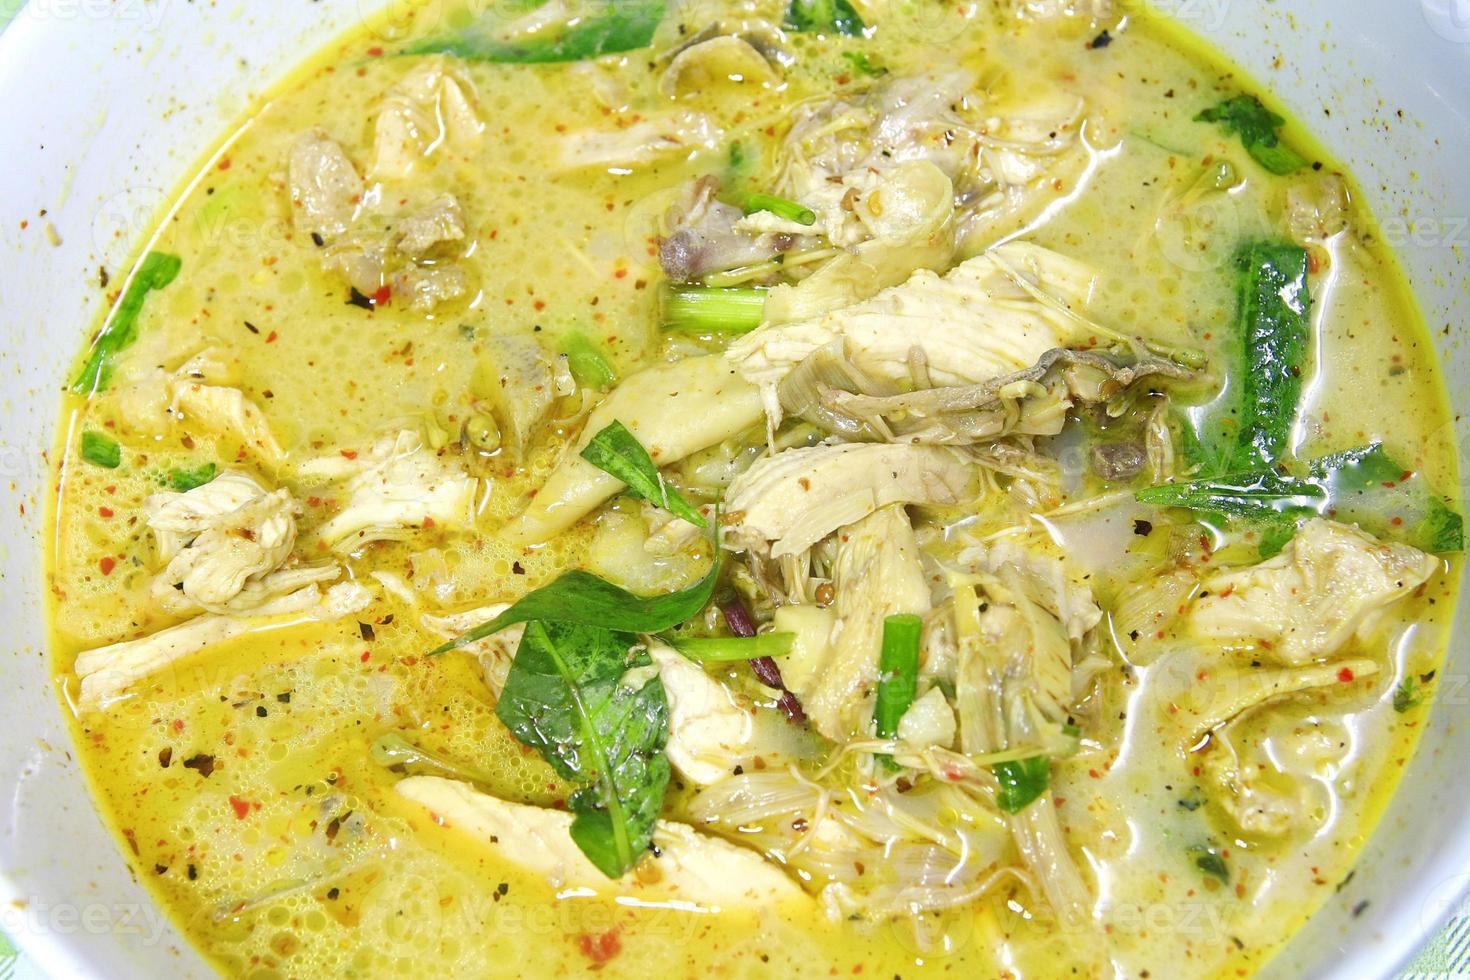 poulet curry épicé photo